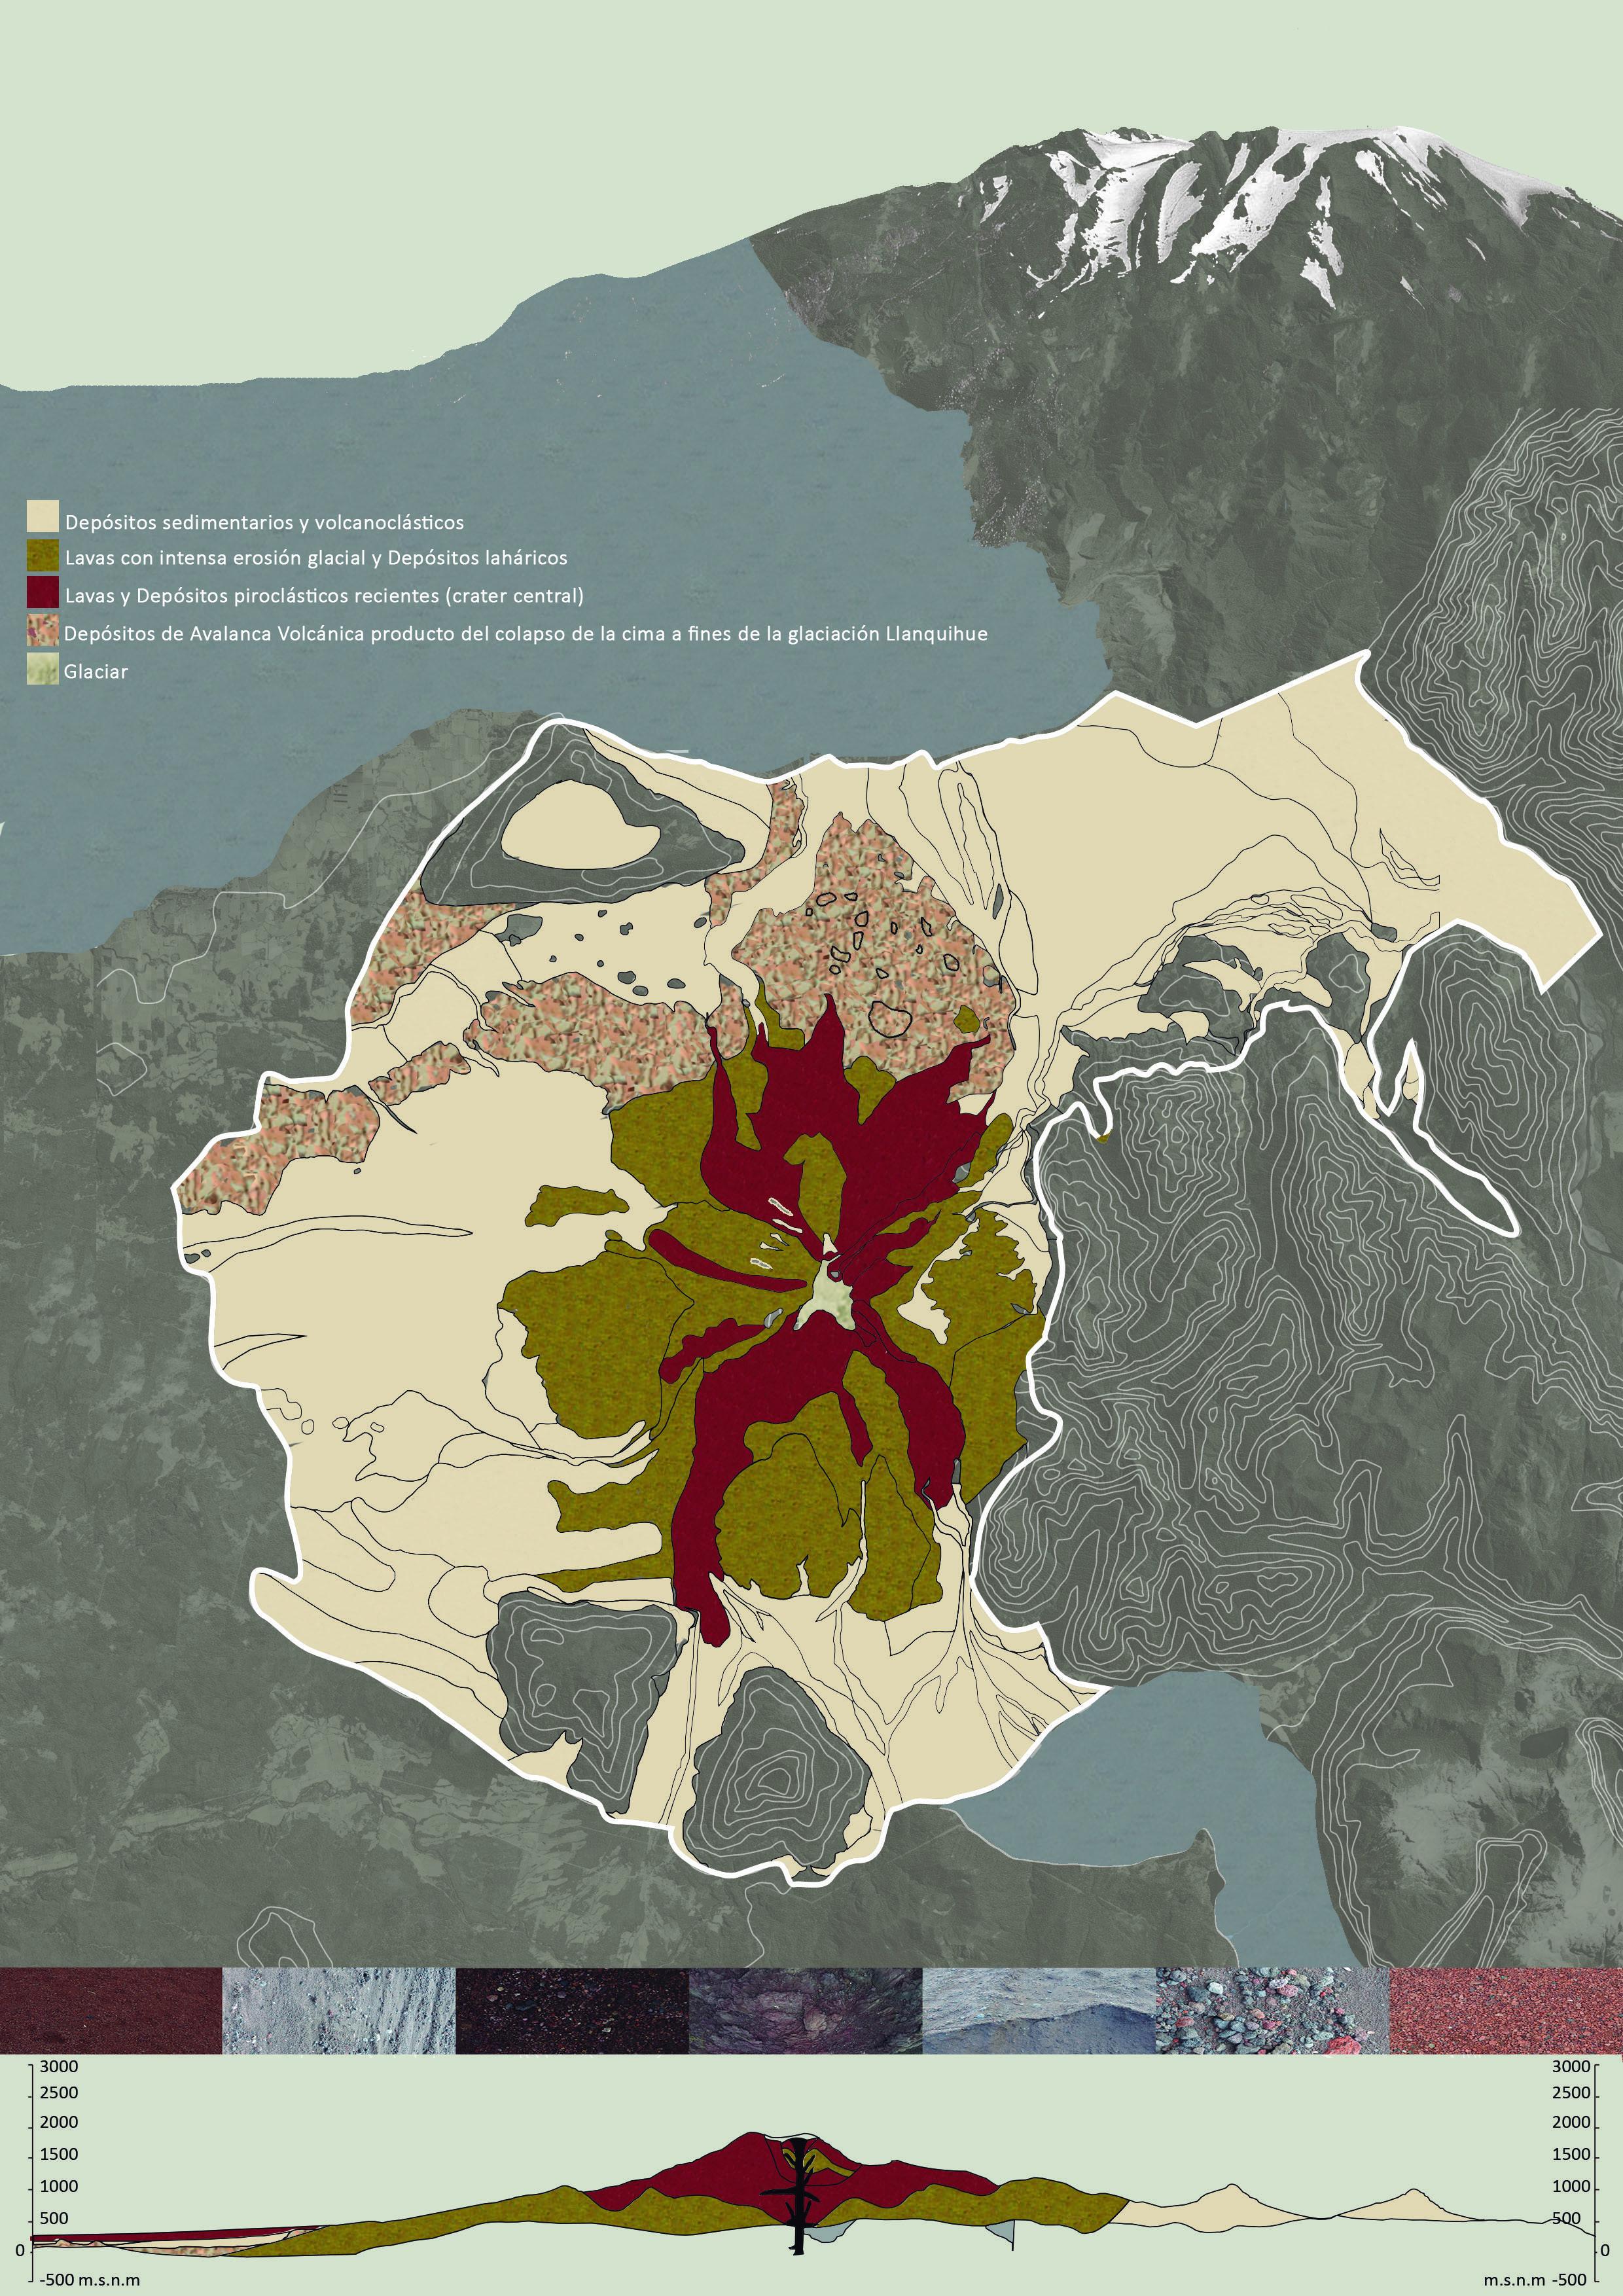 (3) Mapa geológico del volcán Calbuco © Alejandra, Vásquez D. para  LOFscapes.